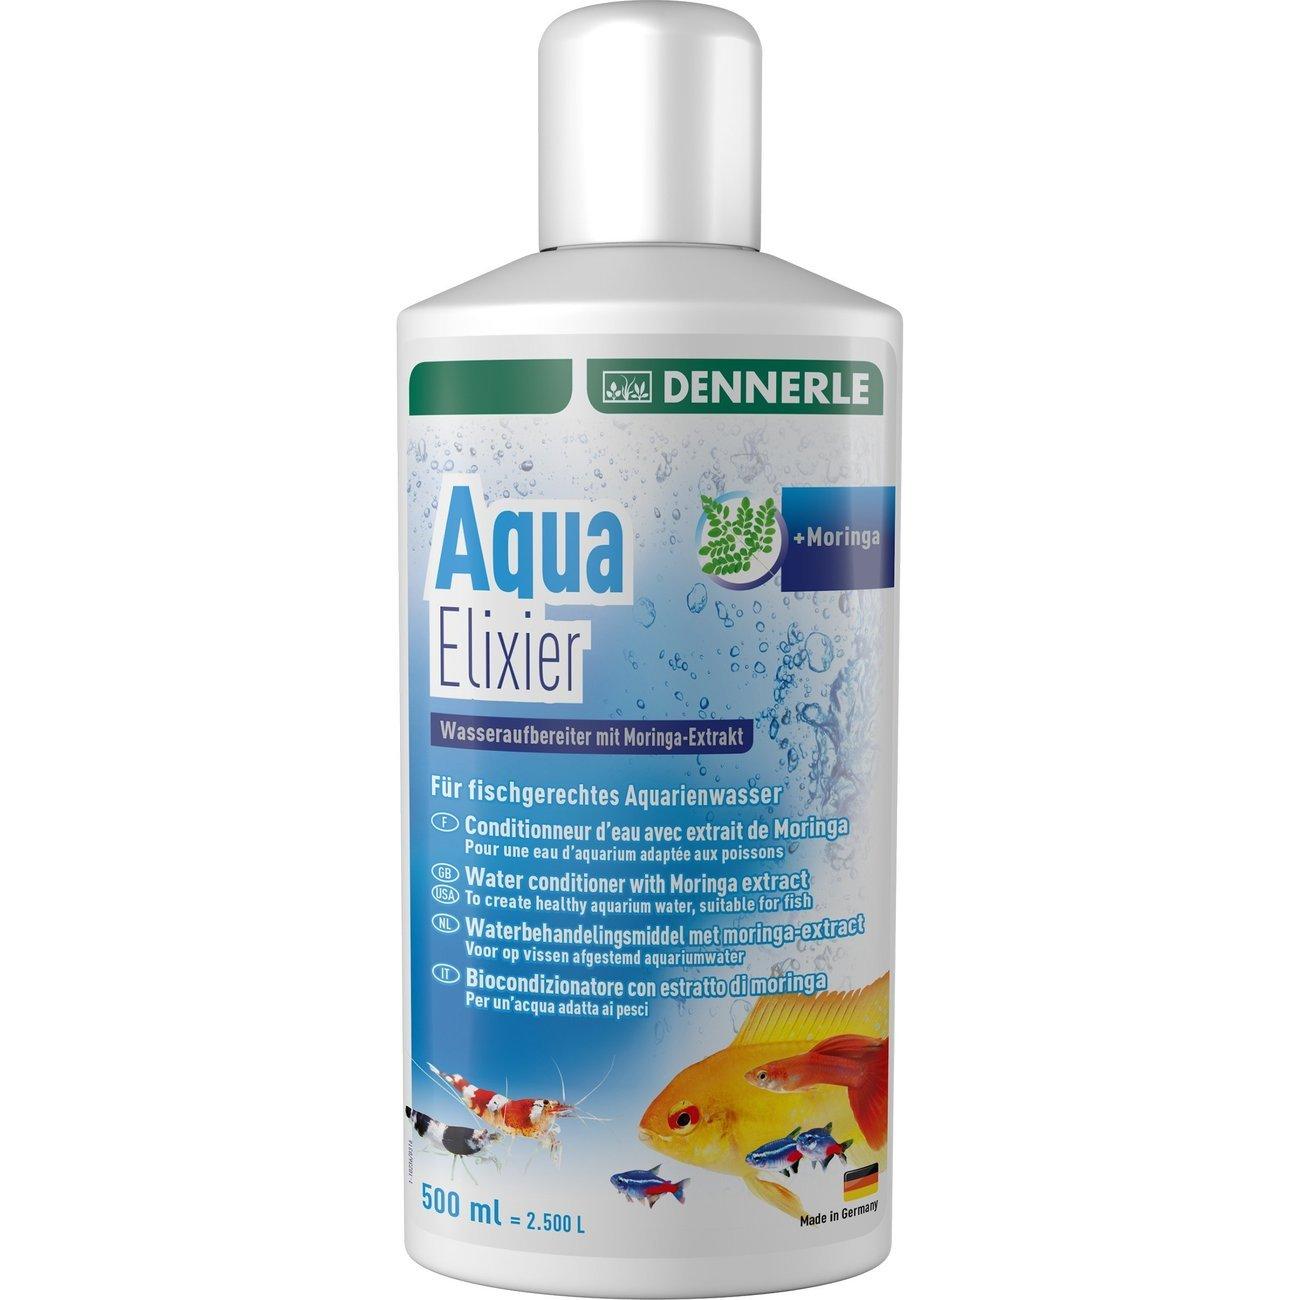 Dennerle Aqua Elixier Preview Image